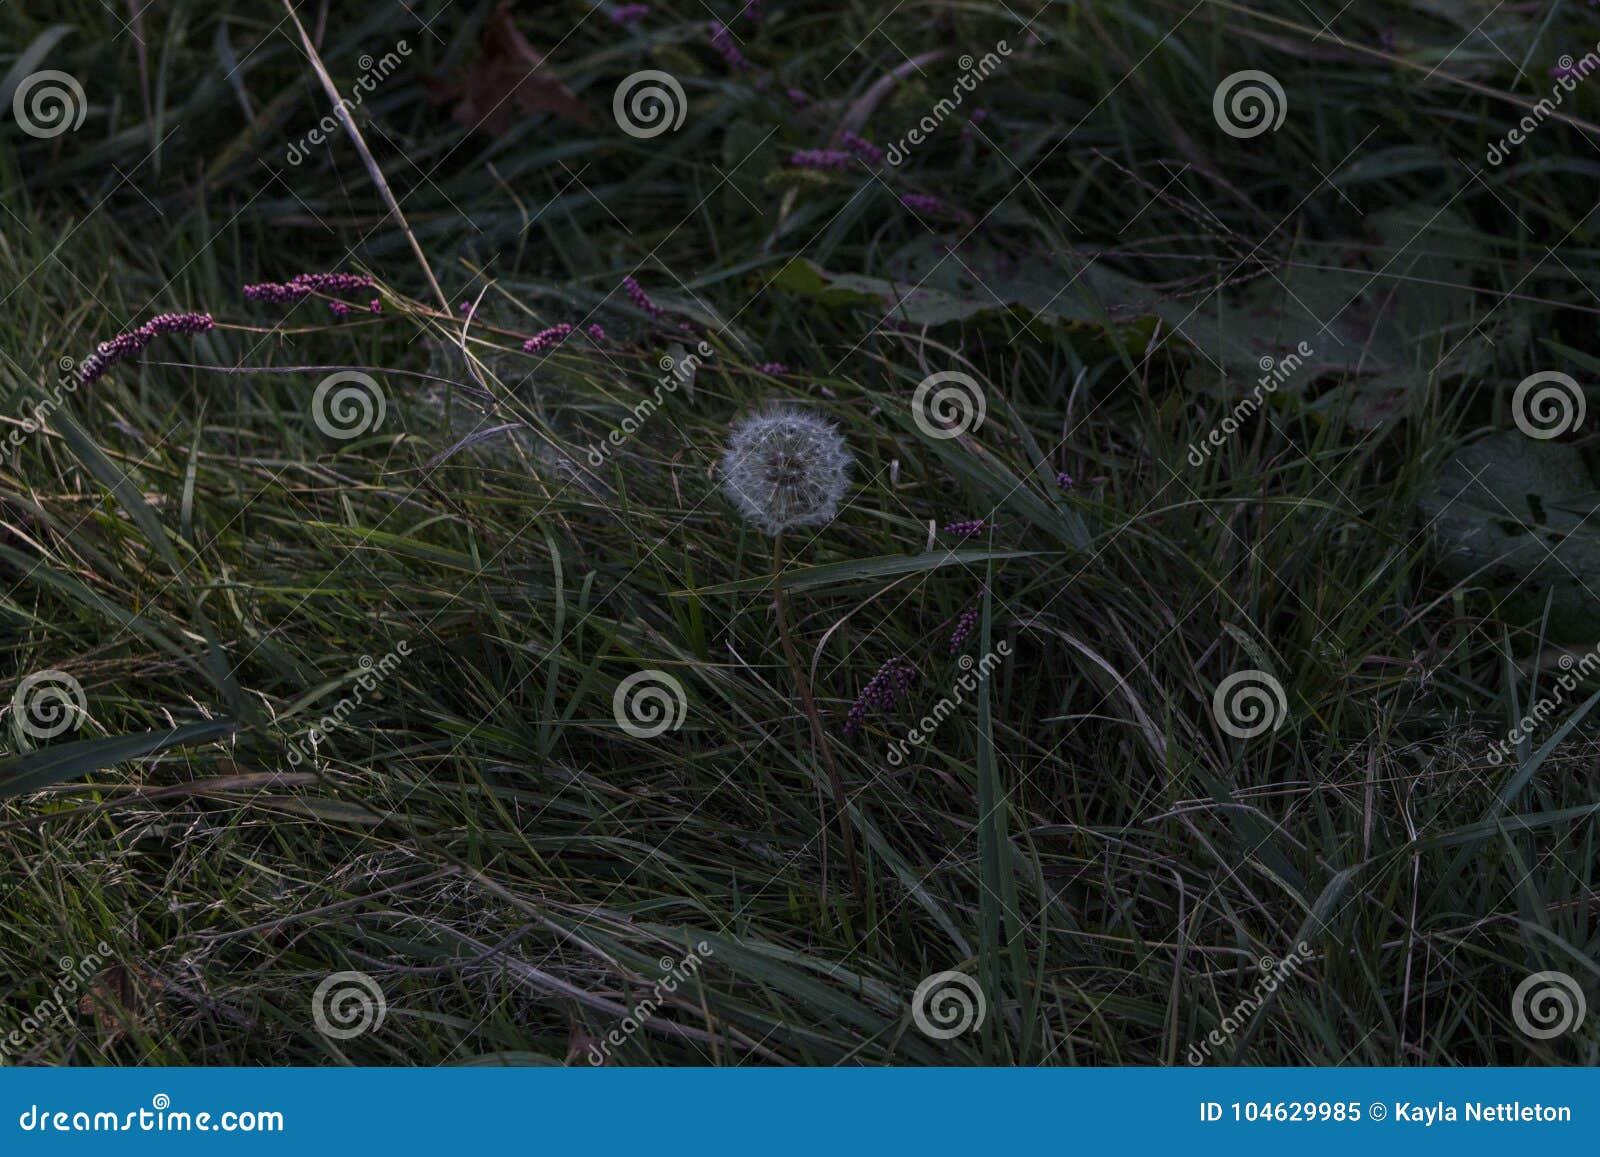 Download Paardebloem Alleen In Het Gras Stock Afbeelding - Afbeelding bestaande uit paardebloem, muggy: 104629985